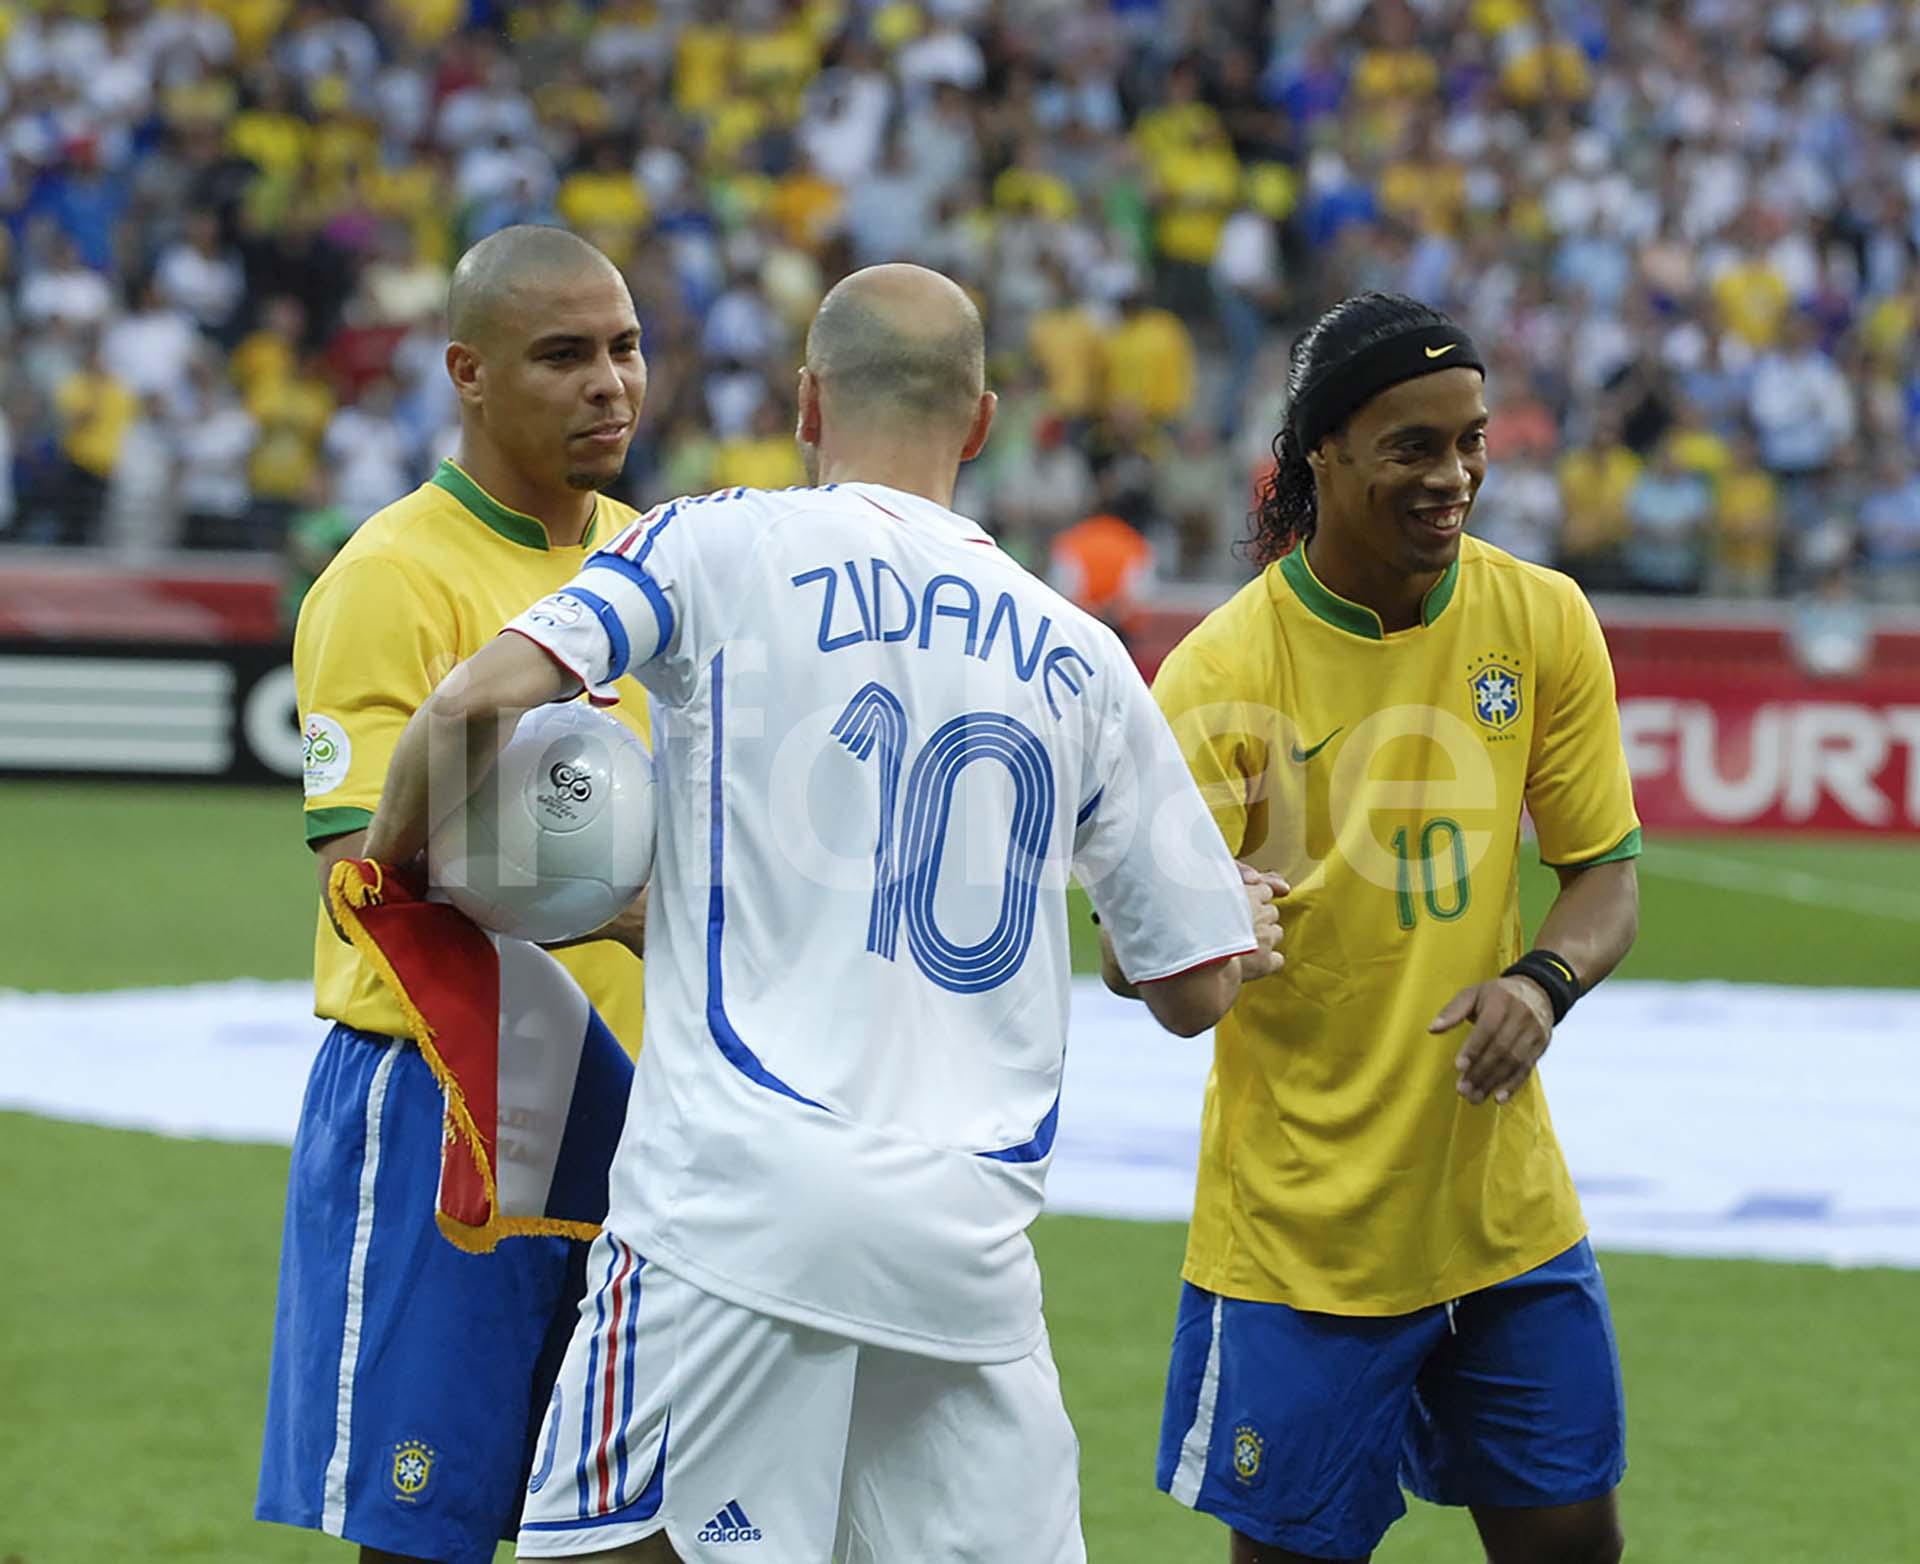 Zinedine Zidane saluda a Ronaldo y Ronaldinho en la previa del partido de cuartos de final de Alemania 2006 en el que Francia eliminó a Brasil